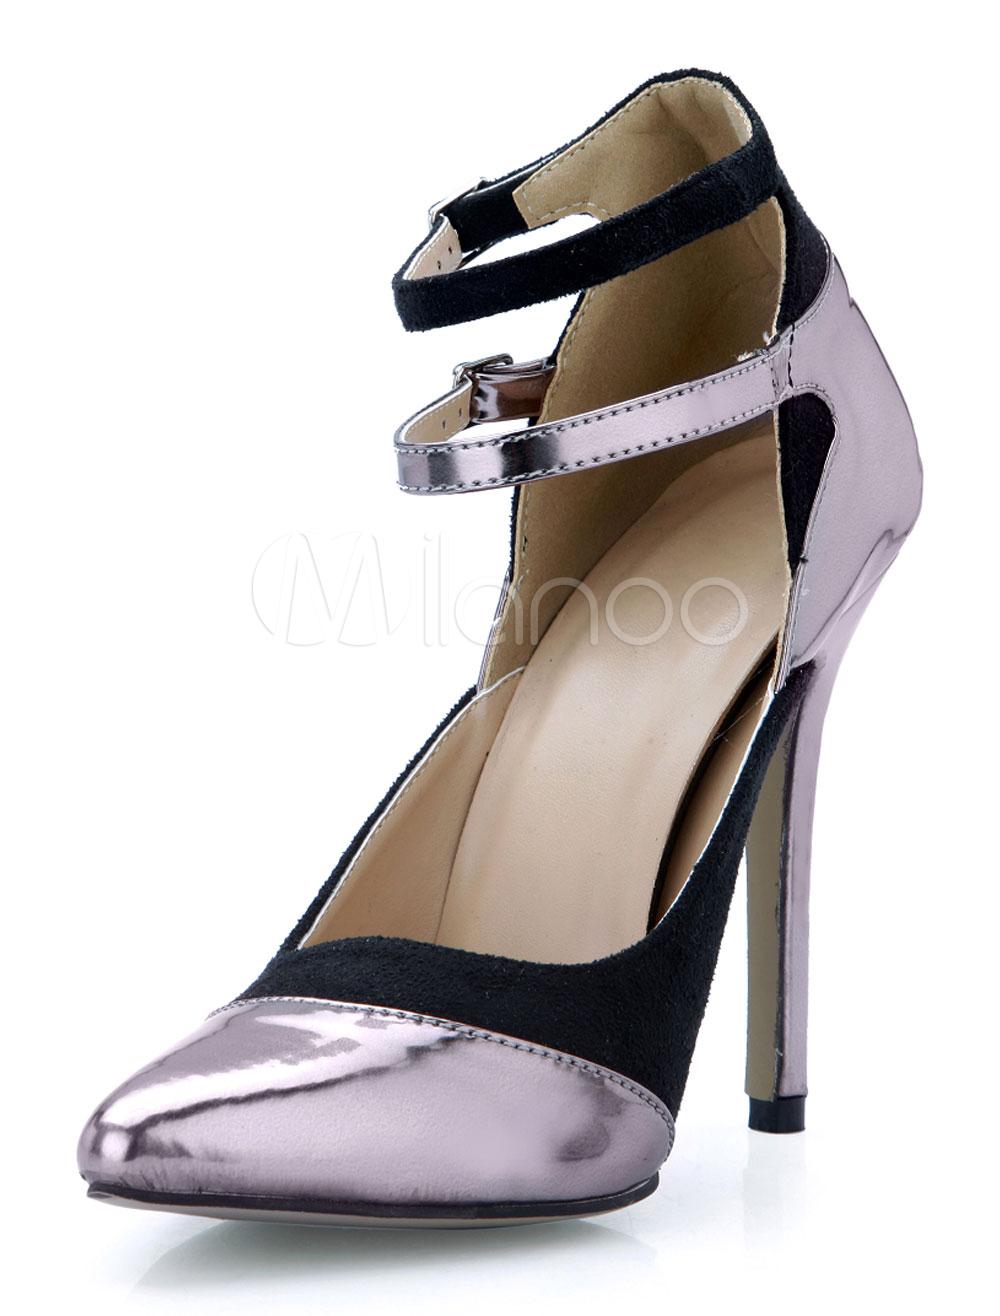 Zapatos puntiagudos de satén elástico de color bronce WkaY5kpB